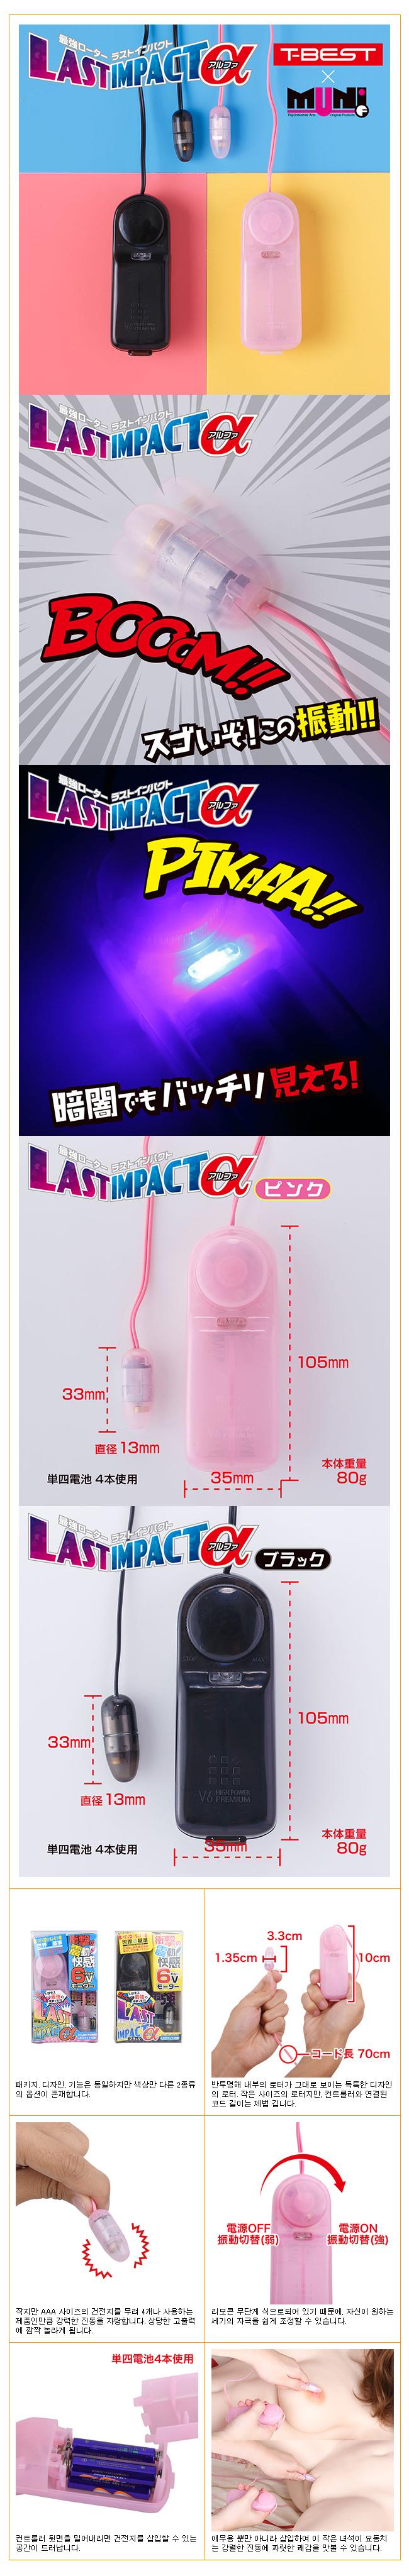 [일본 직수입] 최강 로터 라스트 임팩트 알파(最強ローターラストインパクトアルファ)